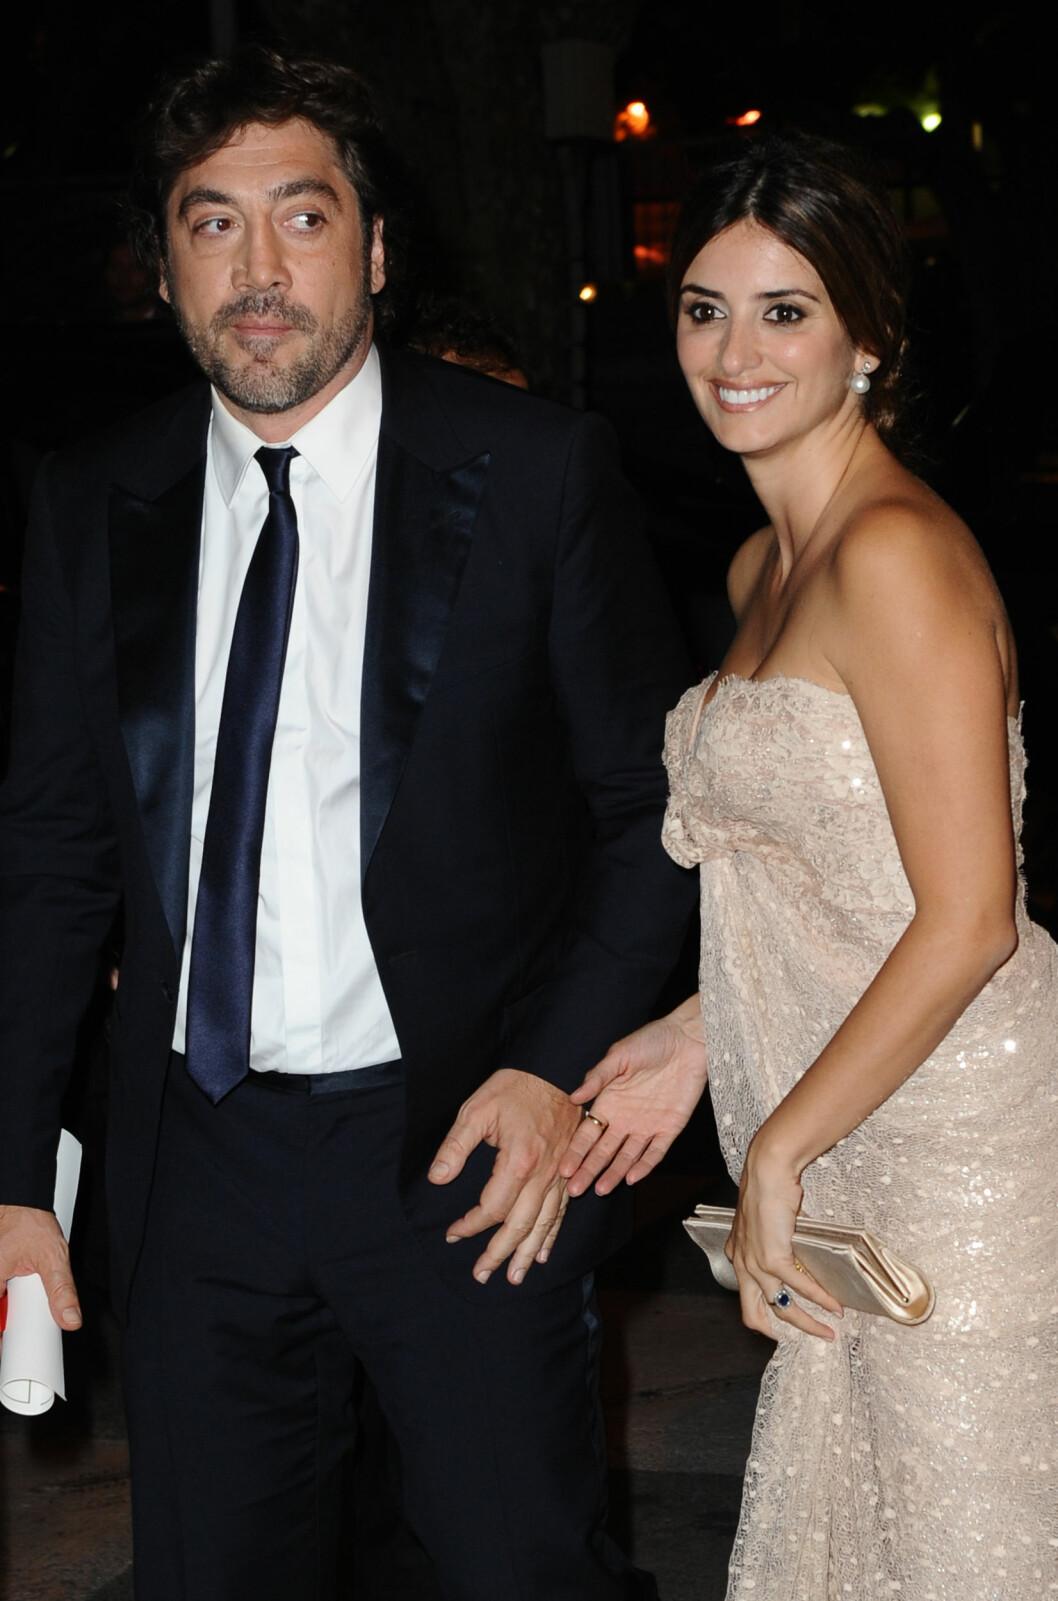 SA JA PÅ BAHAMAS: Javier Bardem og Penelope Cruz. Foto: All Over